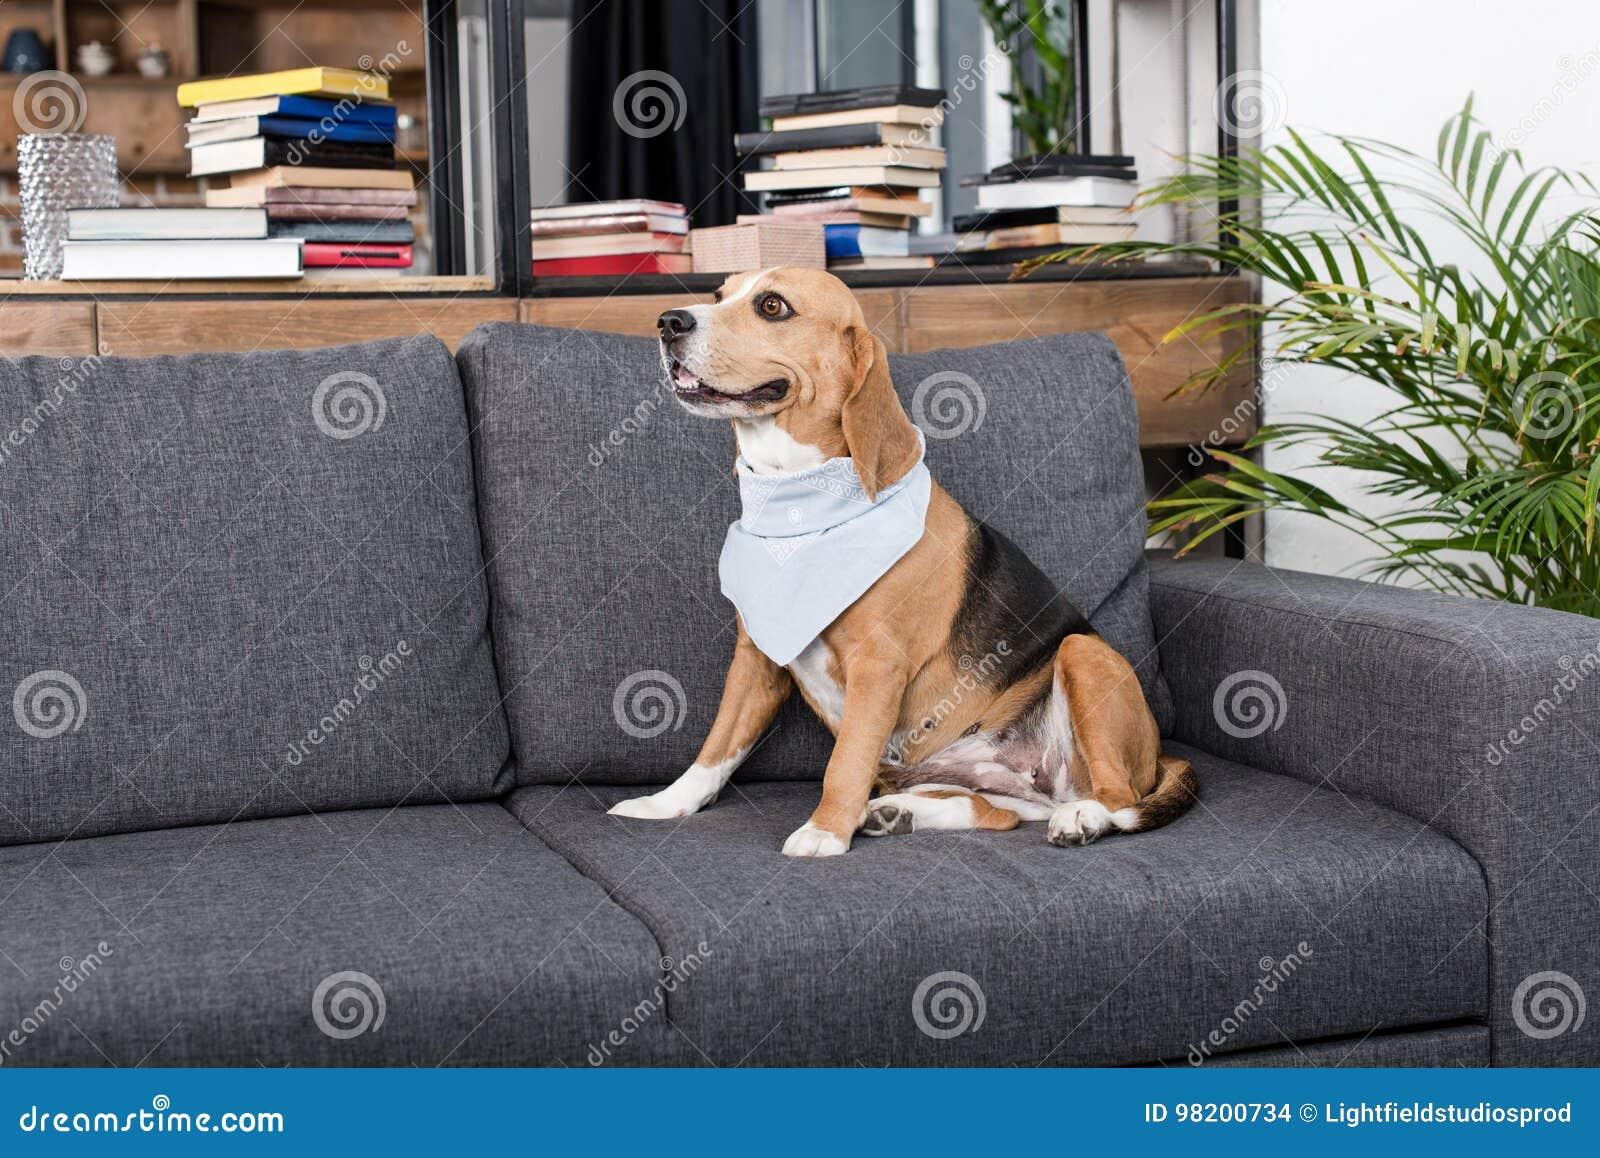 Download Собака бигля в сером Bandana сидя на софе Стоковое Фото - изображение насчитывающей indoors, чистоплемено: 98200734